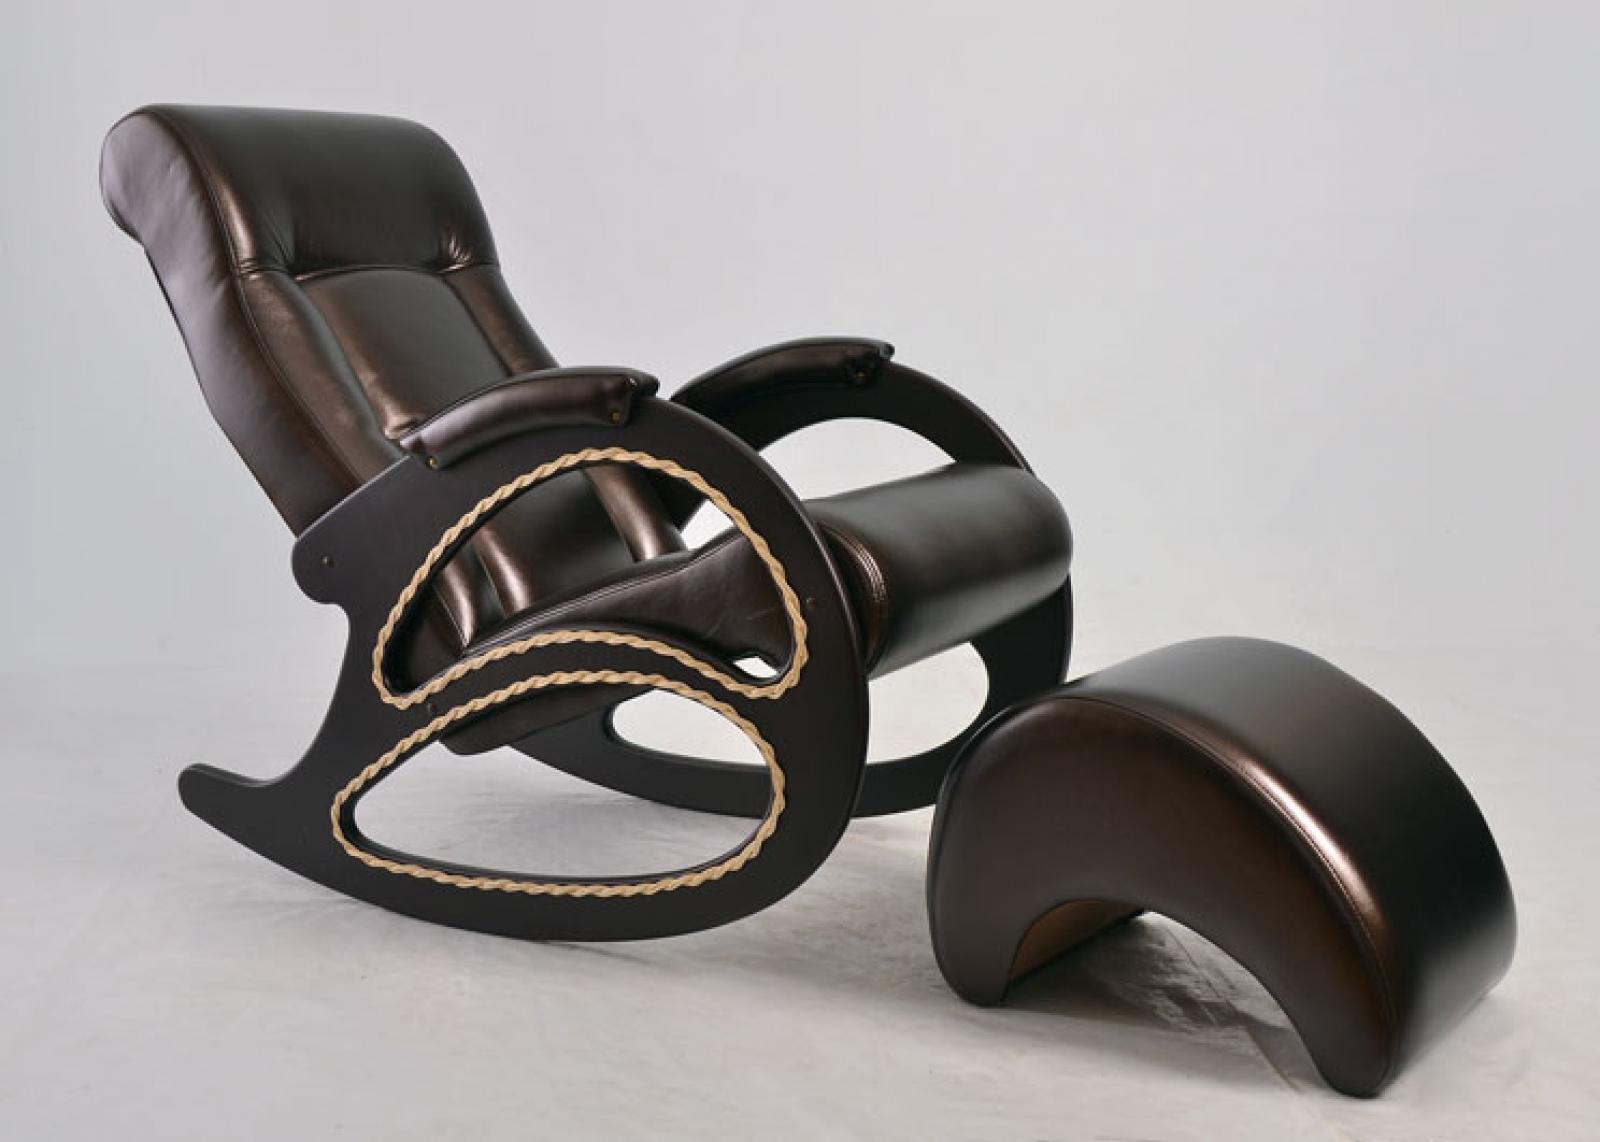 Кресло-качалка, Модель 4 (без декоративной косичкой) Венге/Орегон 120 - 1